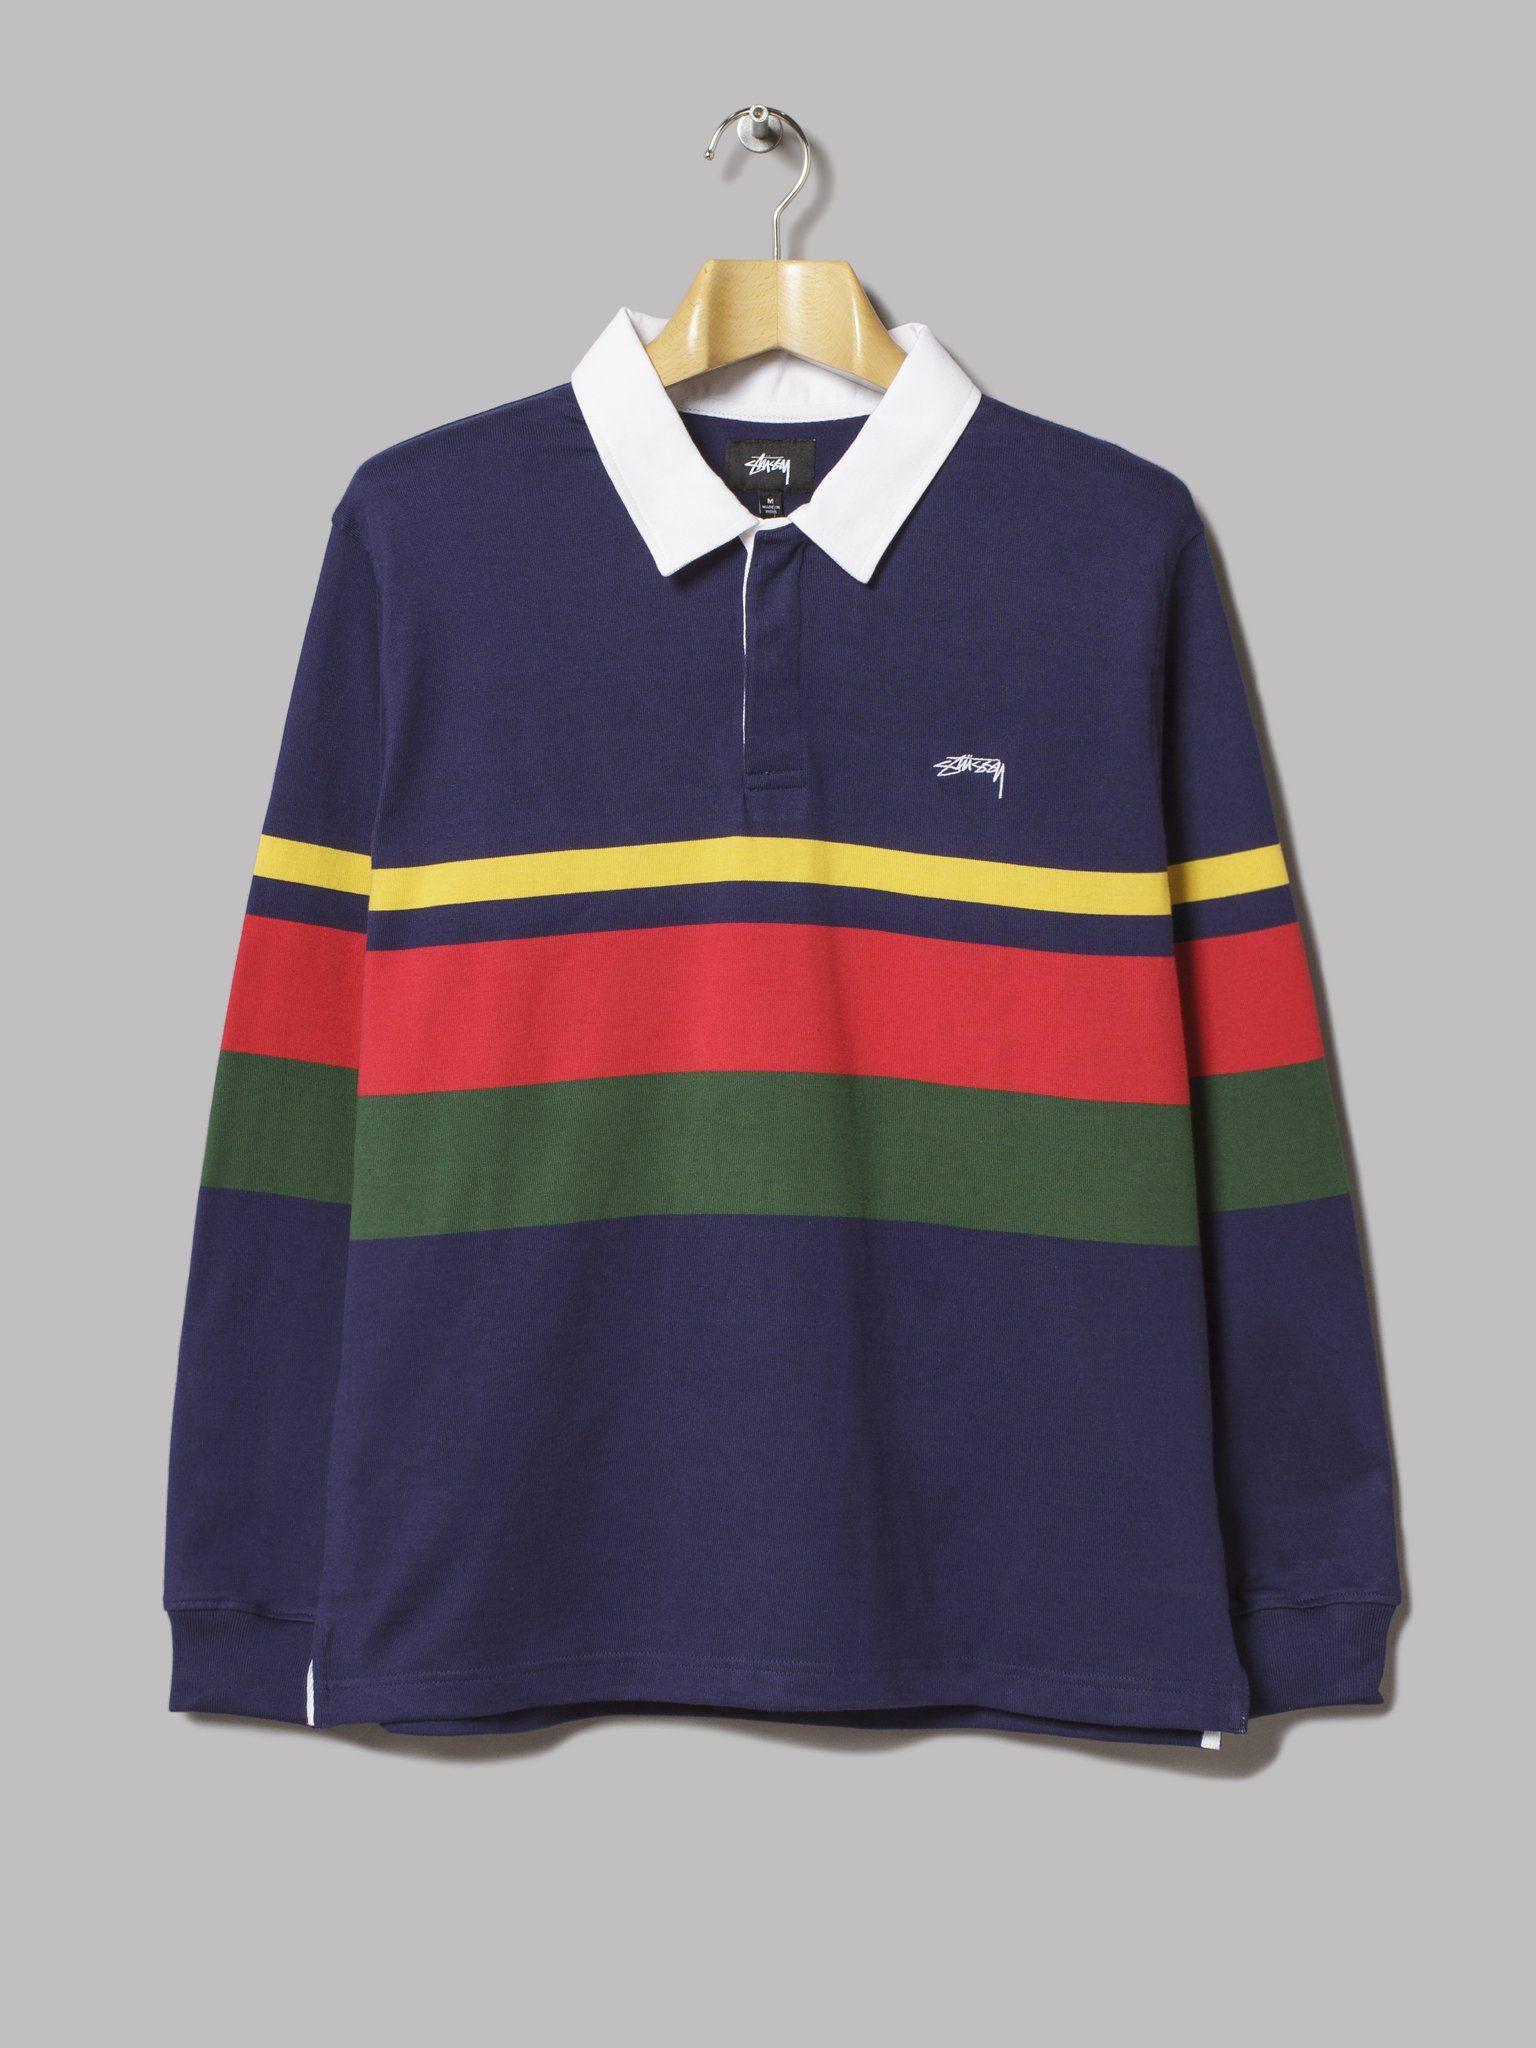 943617b1b2 Stüssy Lucas Stripe Rugby Shirt (Navy) | Amiket szívesen viselnék ...